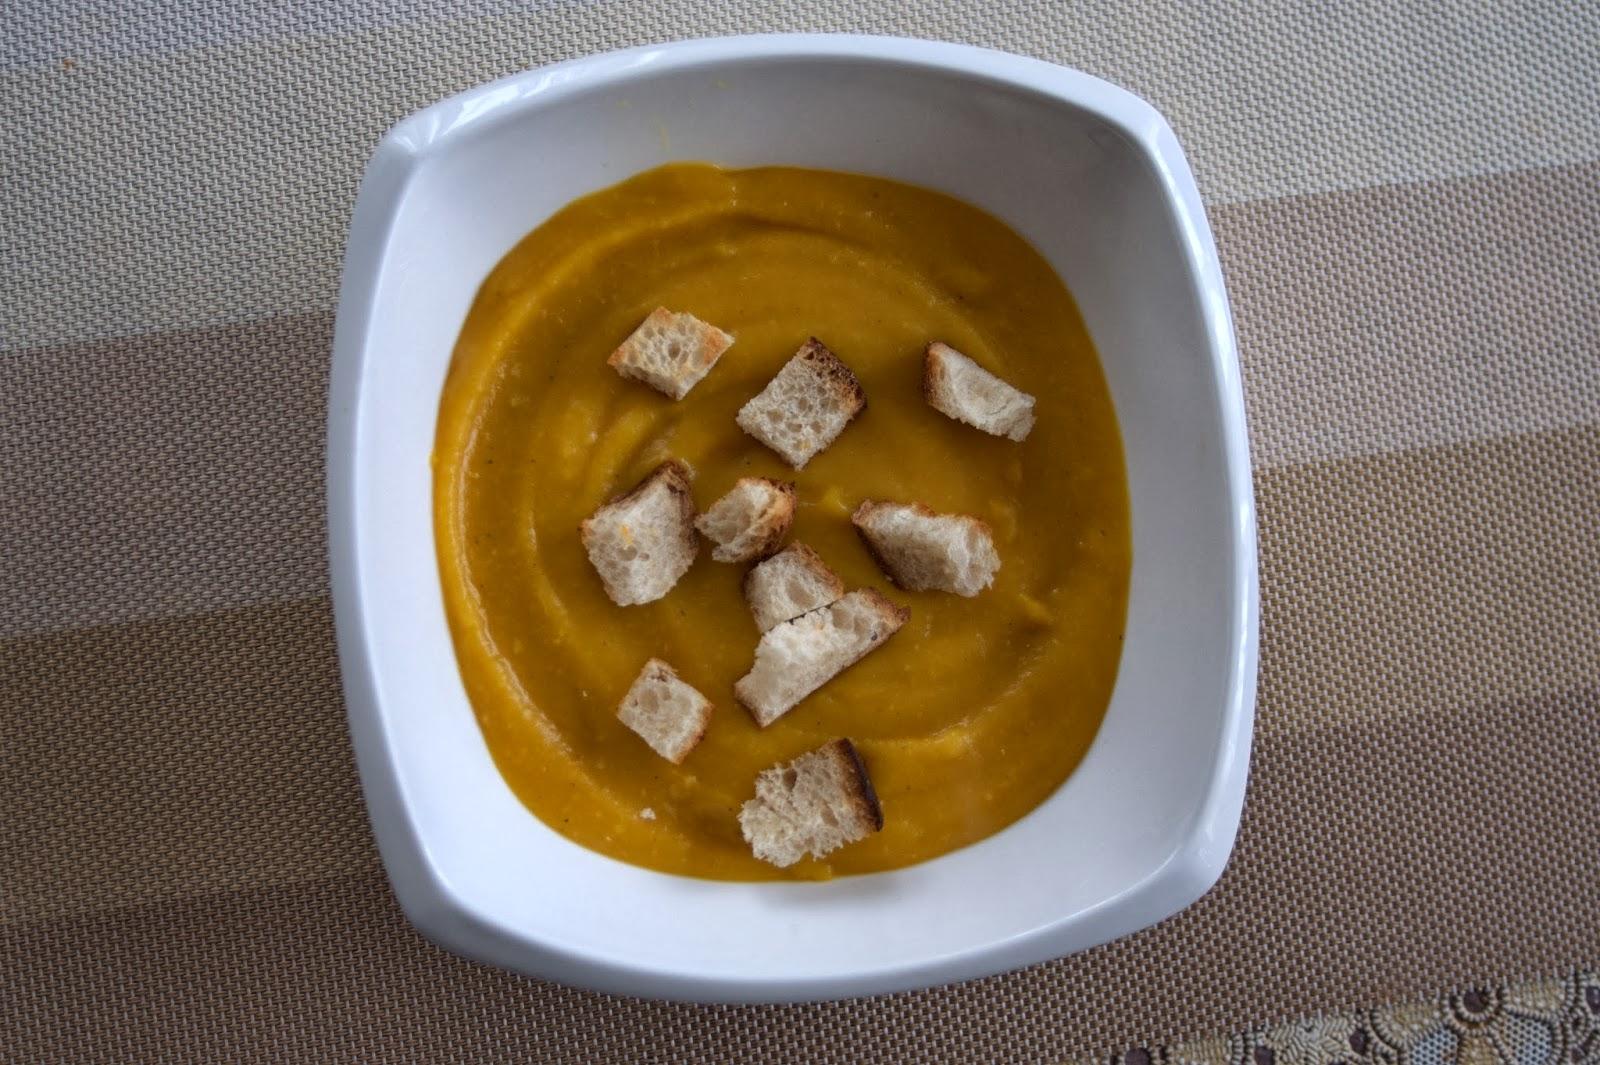 grzanki w zupie krem z dyni